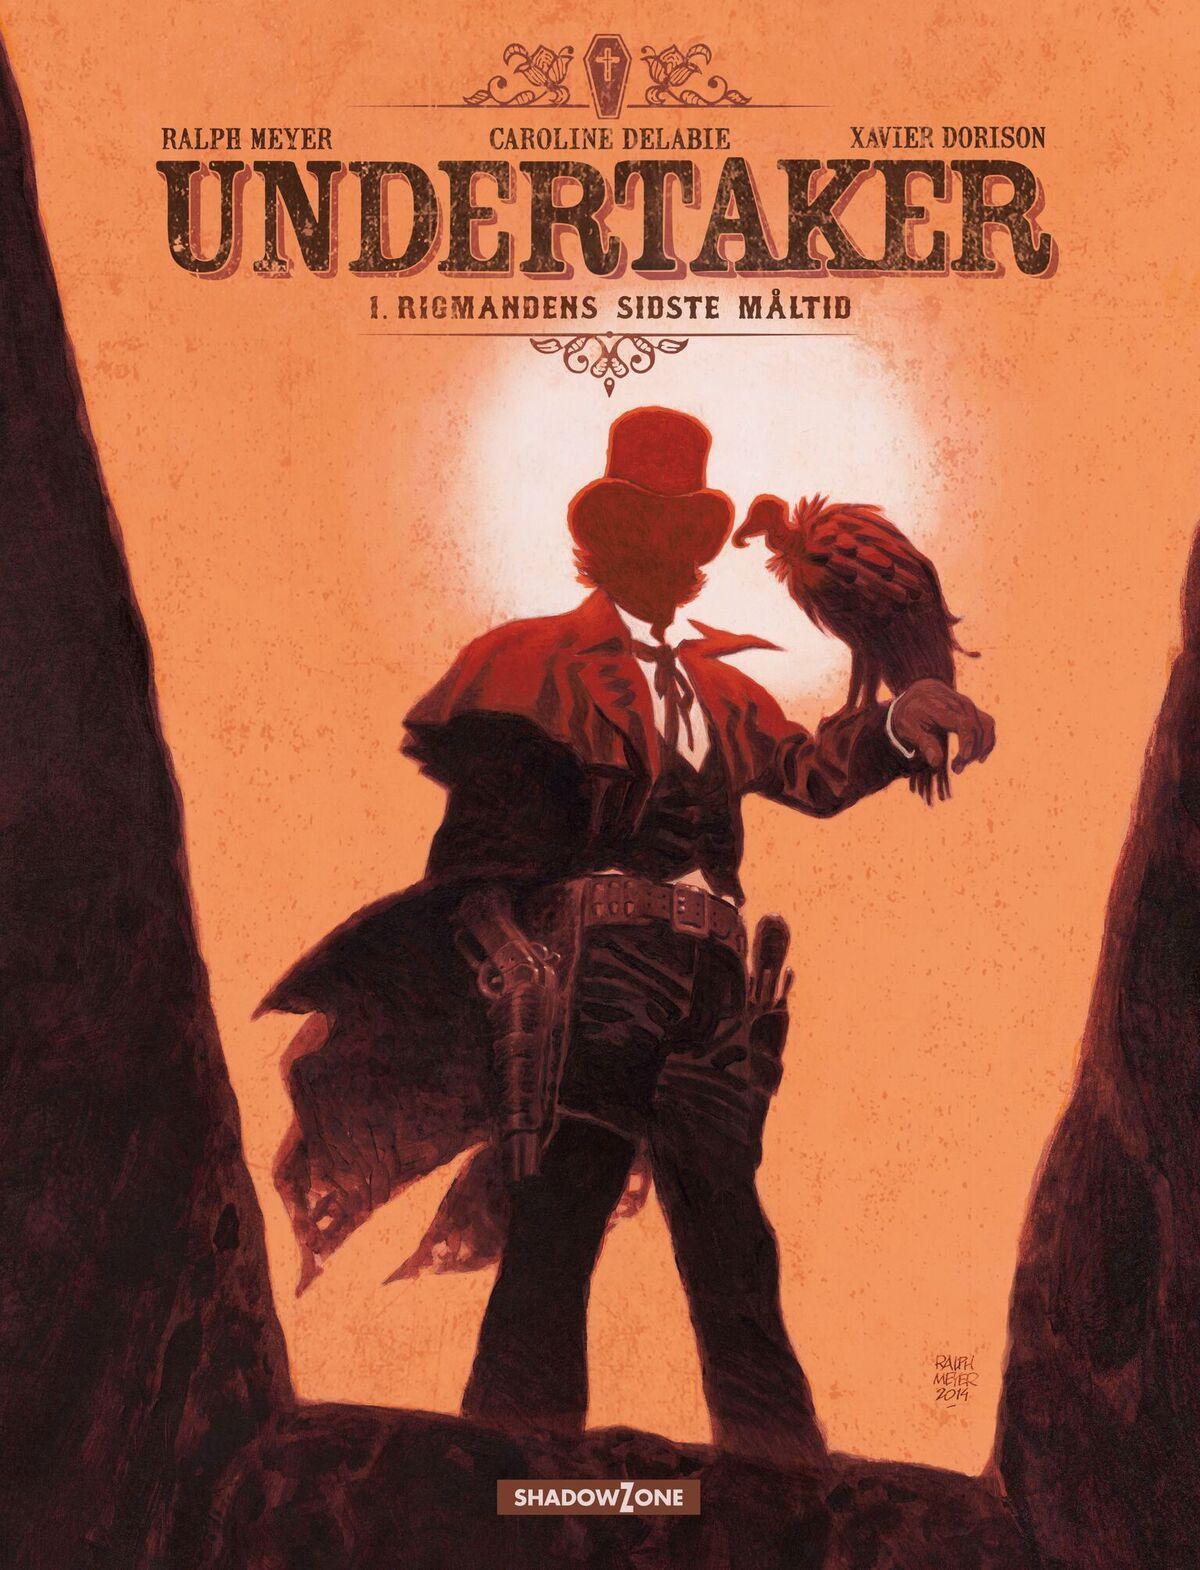 Undertaker 1 - Rigmandens sidste måltid